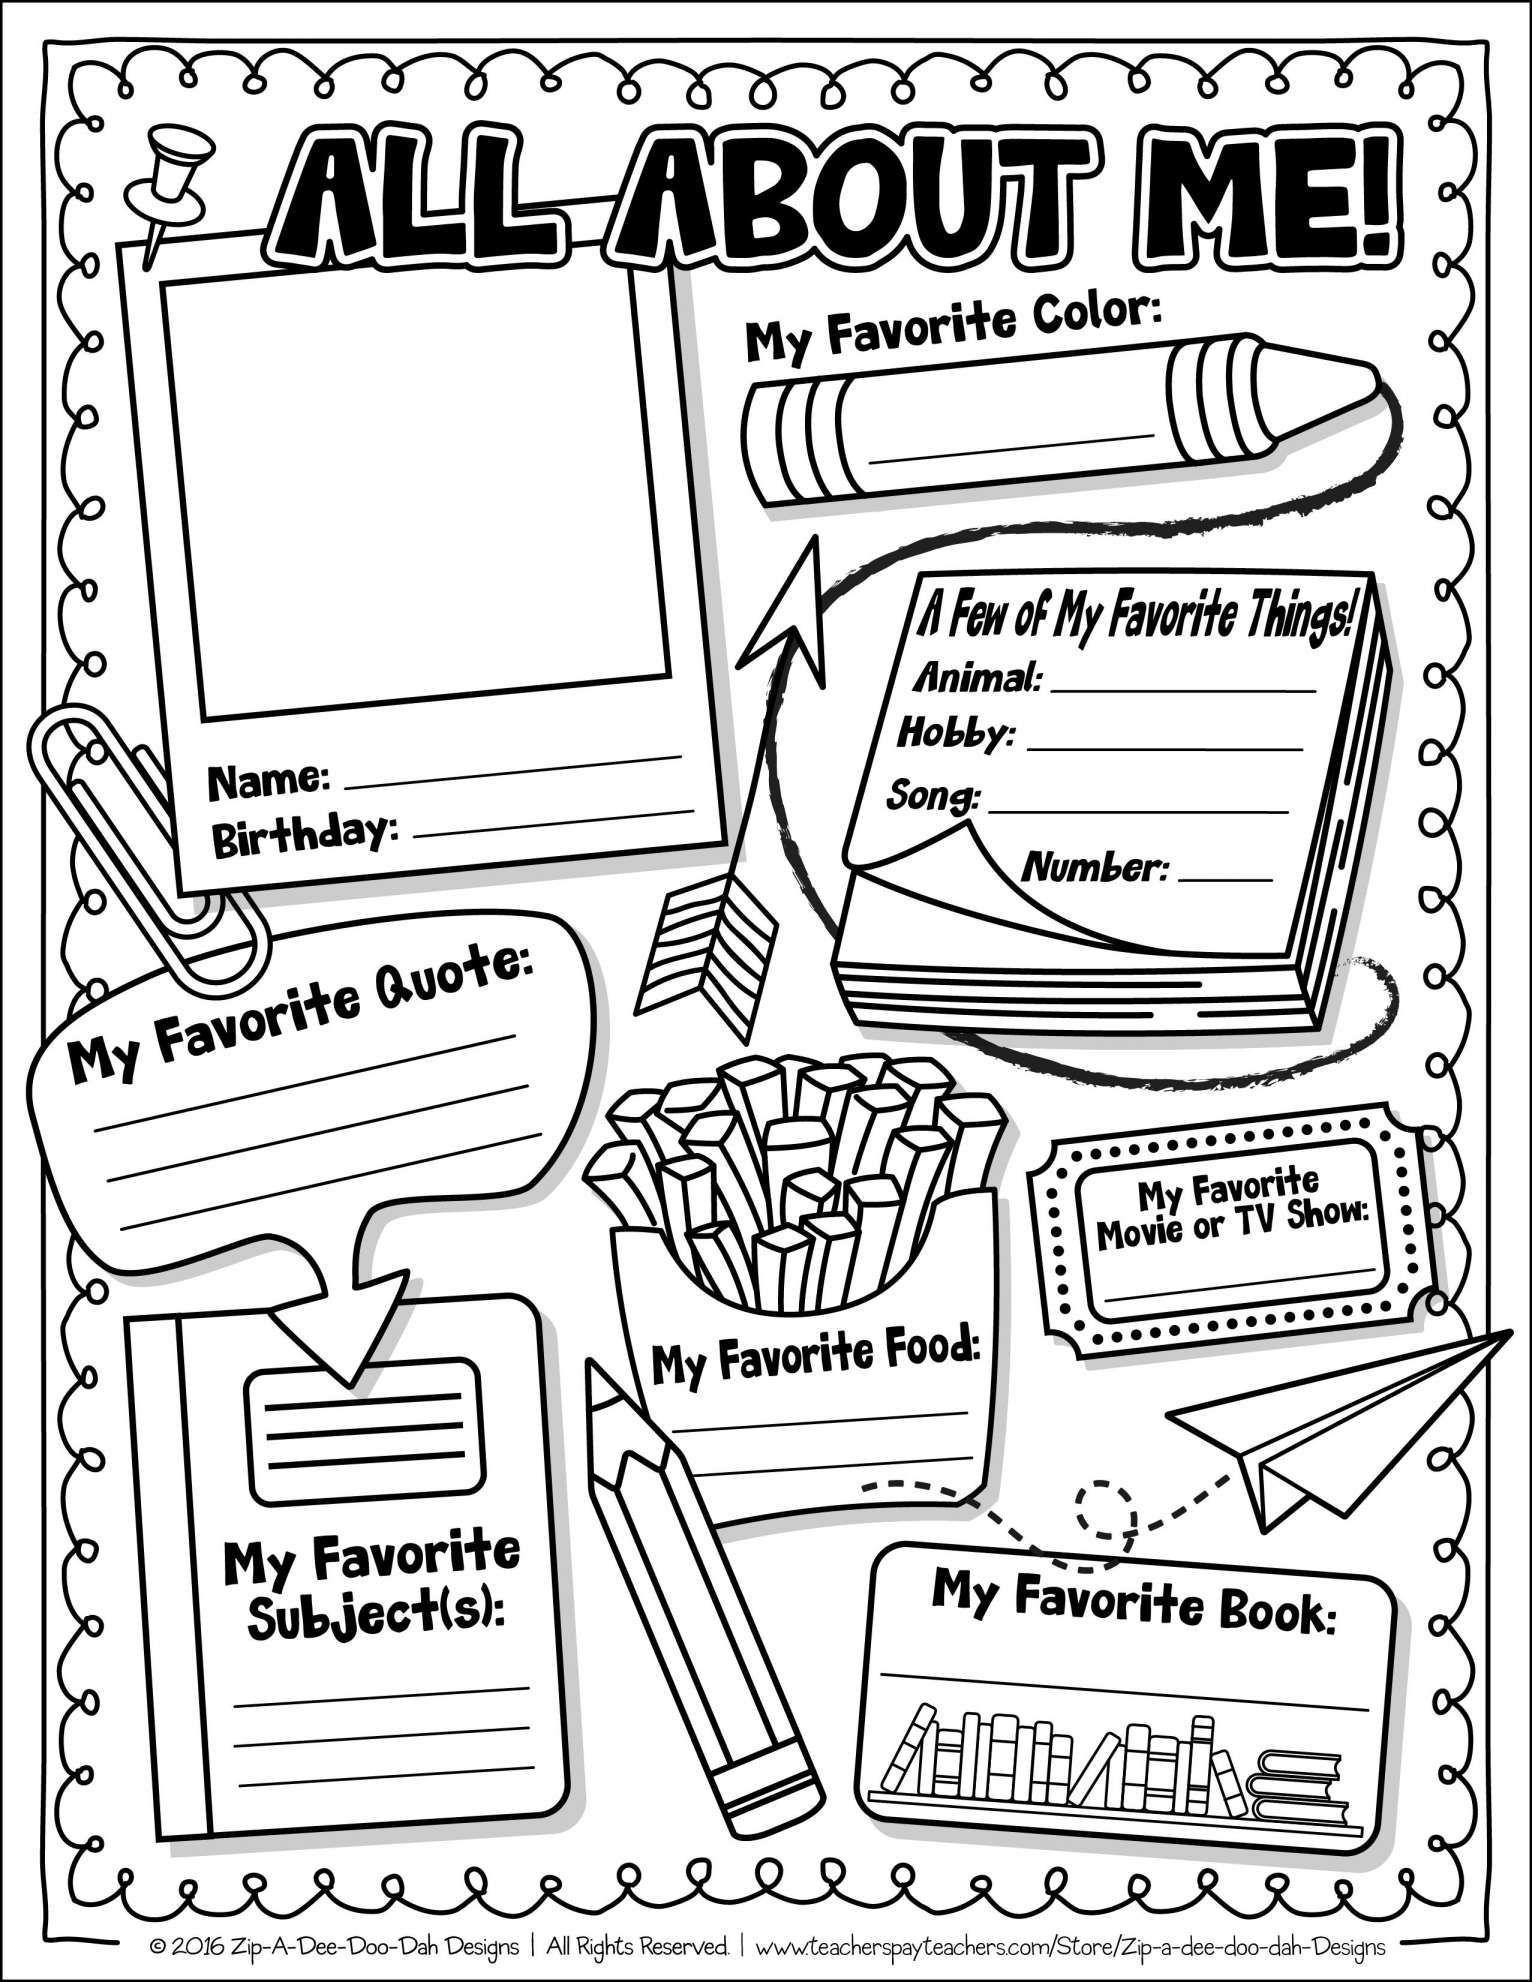 7 Hoja De Trabajo Todo Sobre Mi 4to Grado Gratis 7 Hoja De Trabajo Todo Sobre Mi 4to G In 2020 All About Me Worksheet All About Me Preschool All About Me Printable